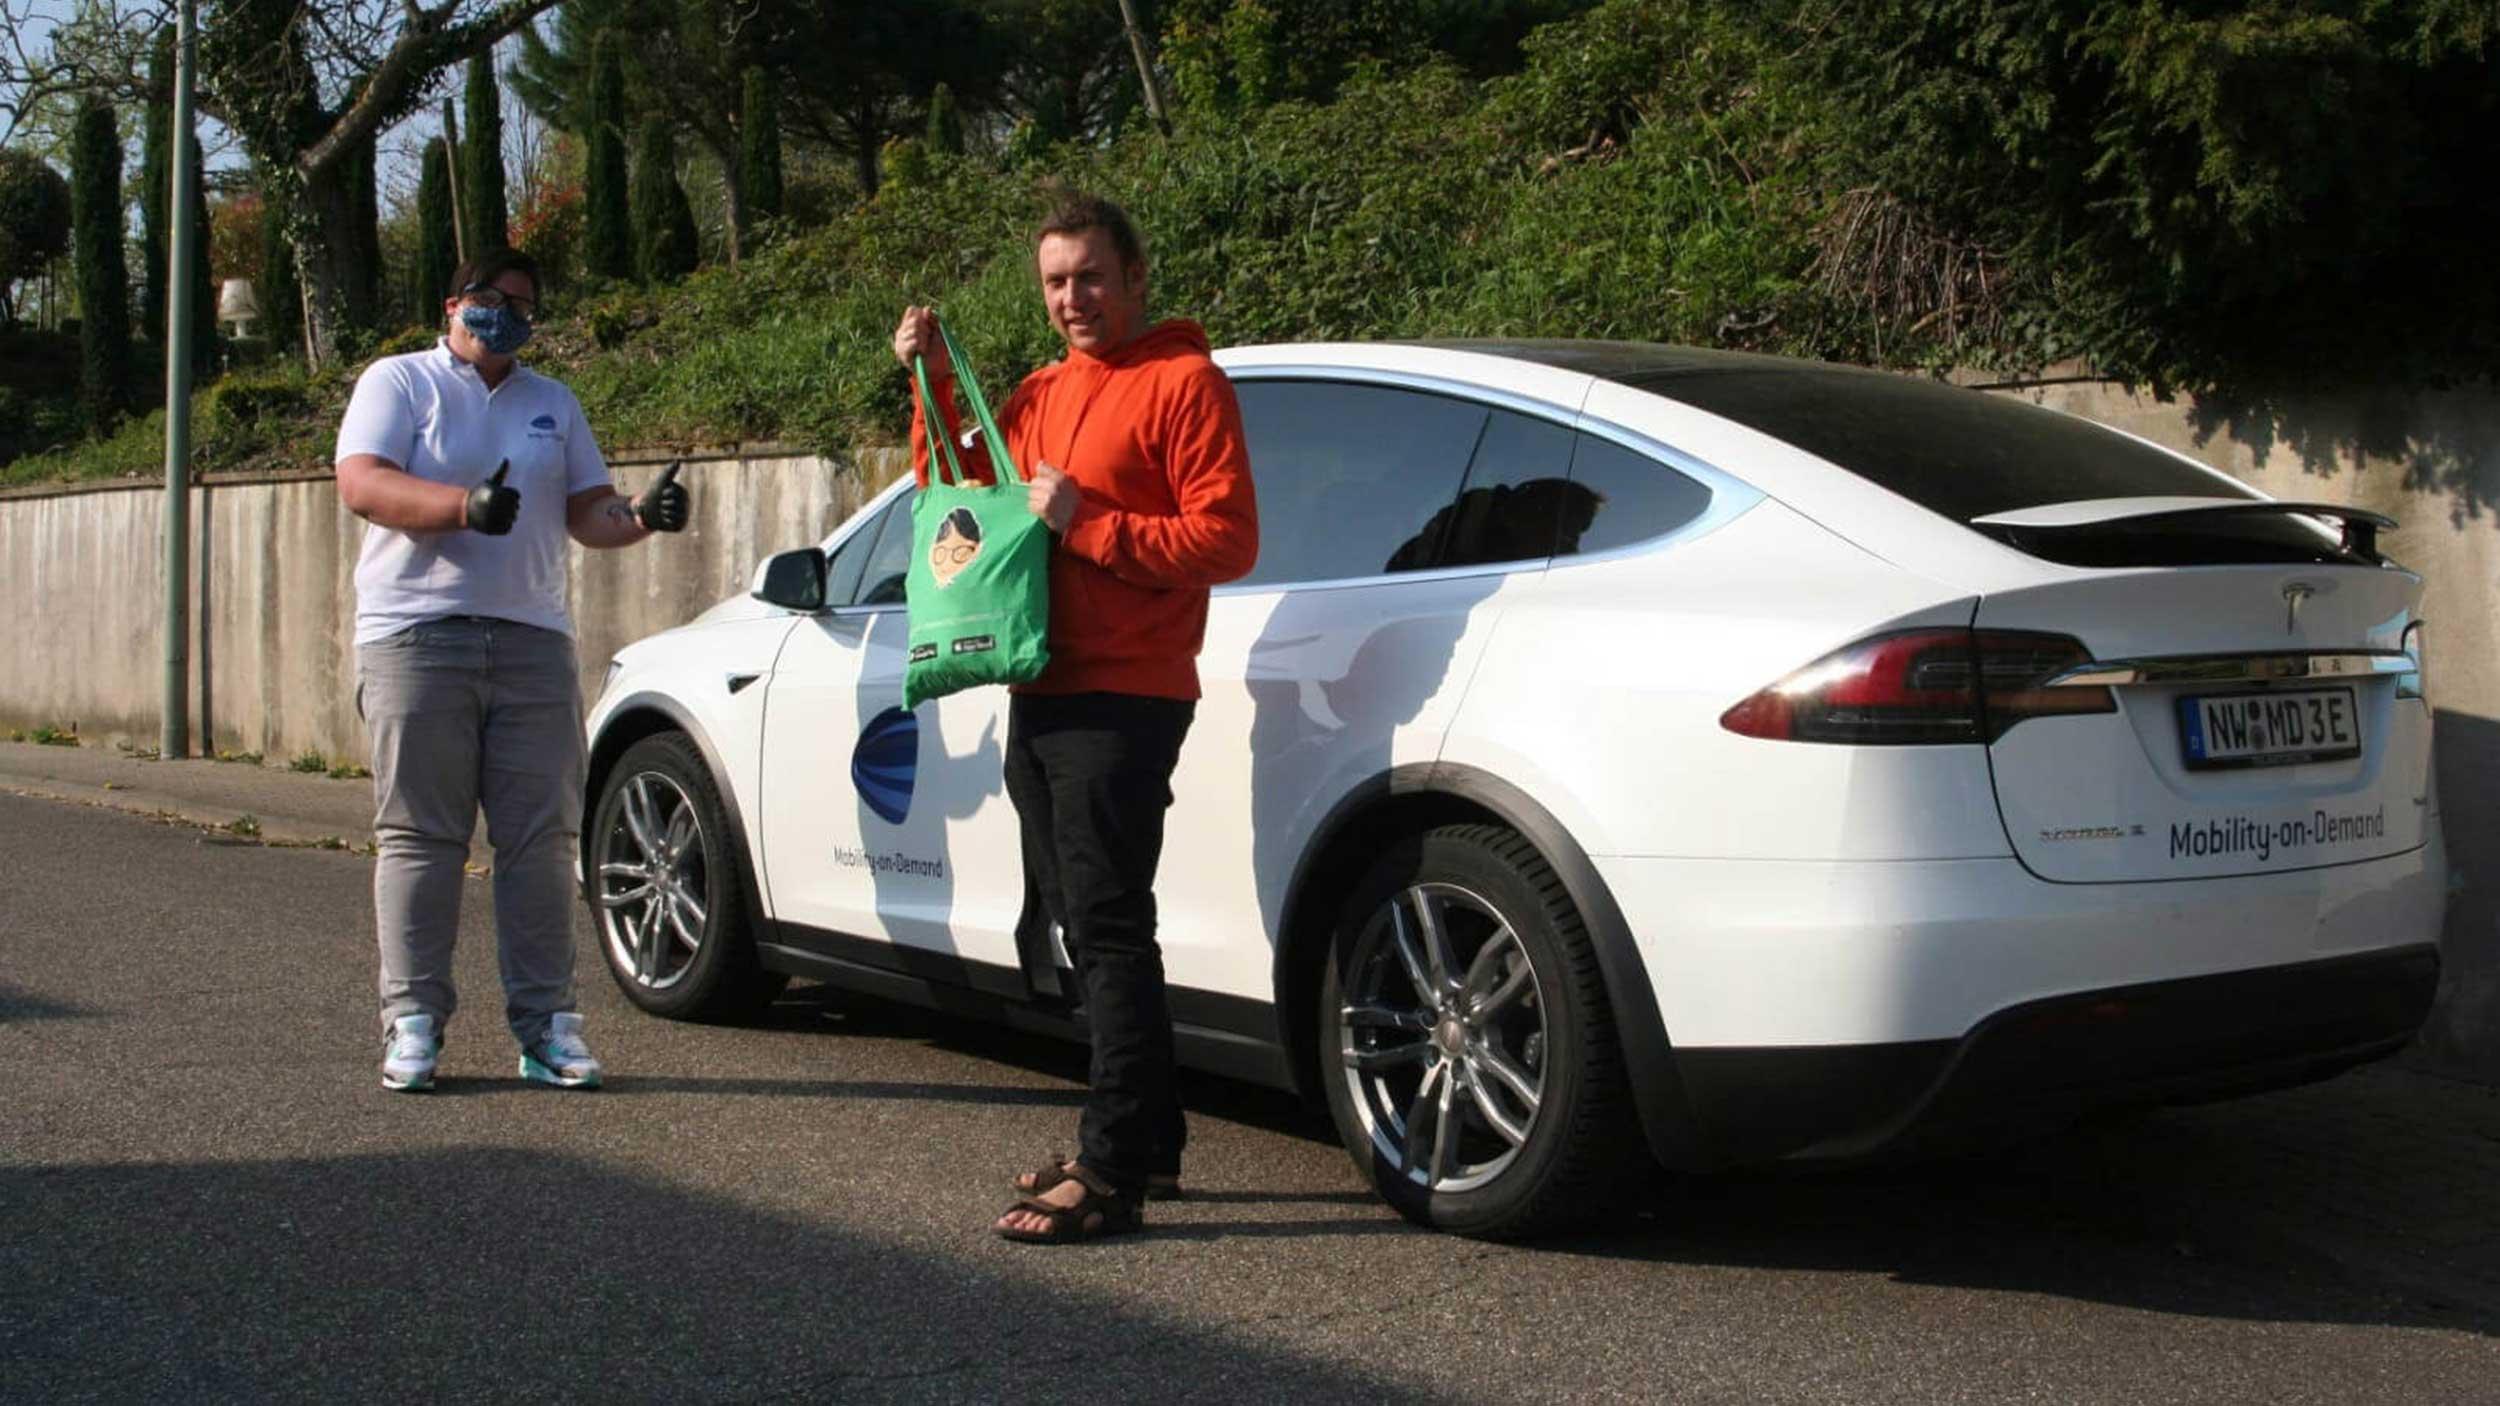 Innovation in der Corona-Krise: Brötchen mit Elektromobilität nach Hause geliefert